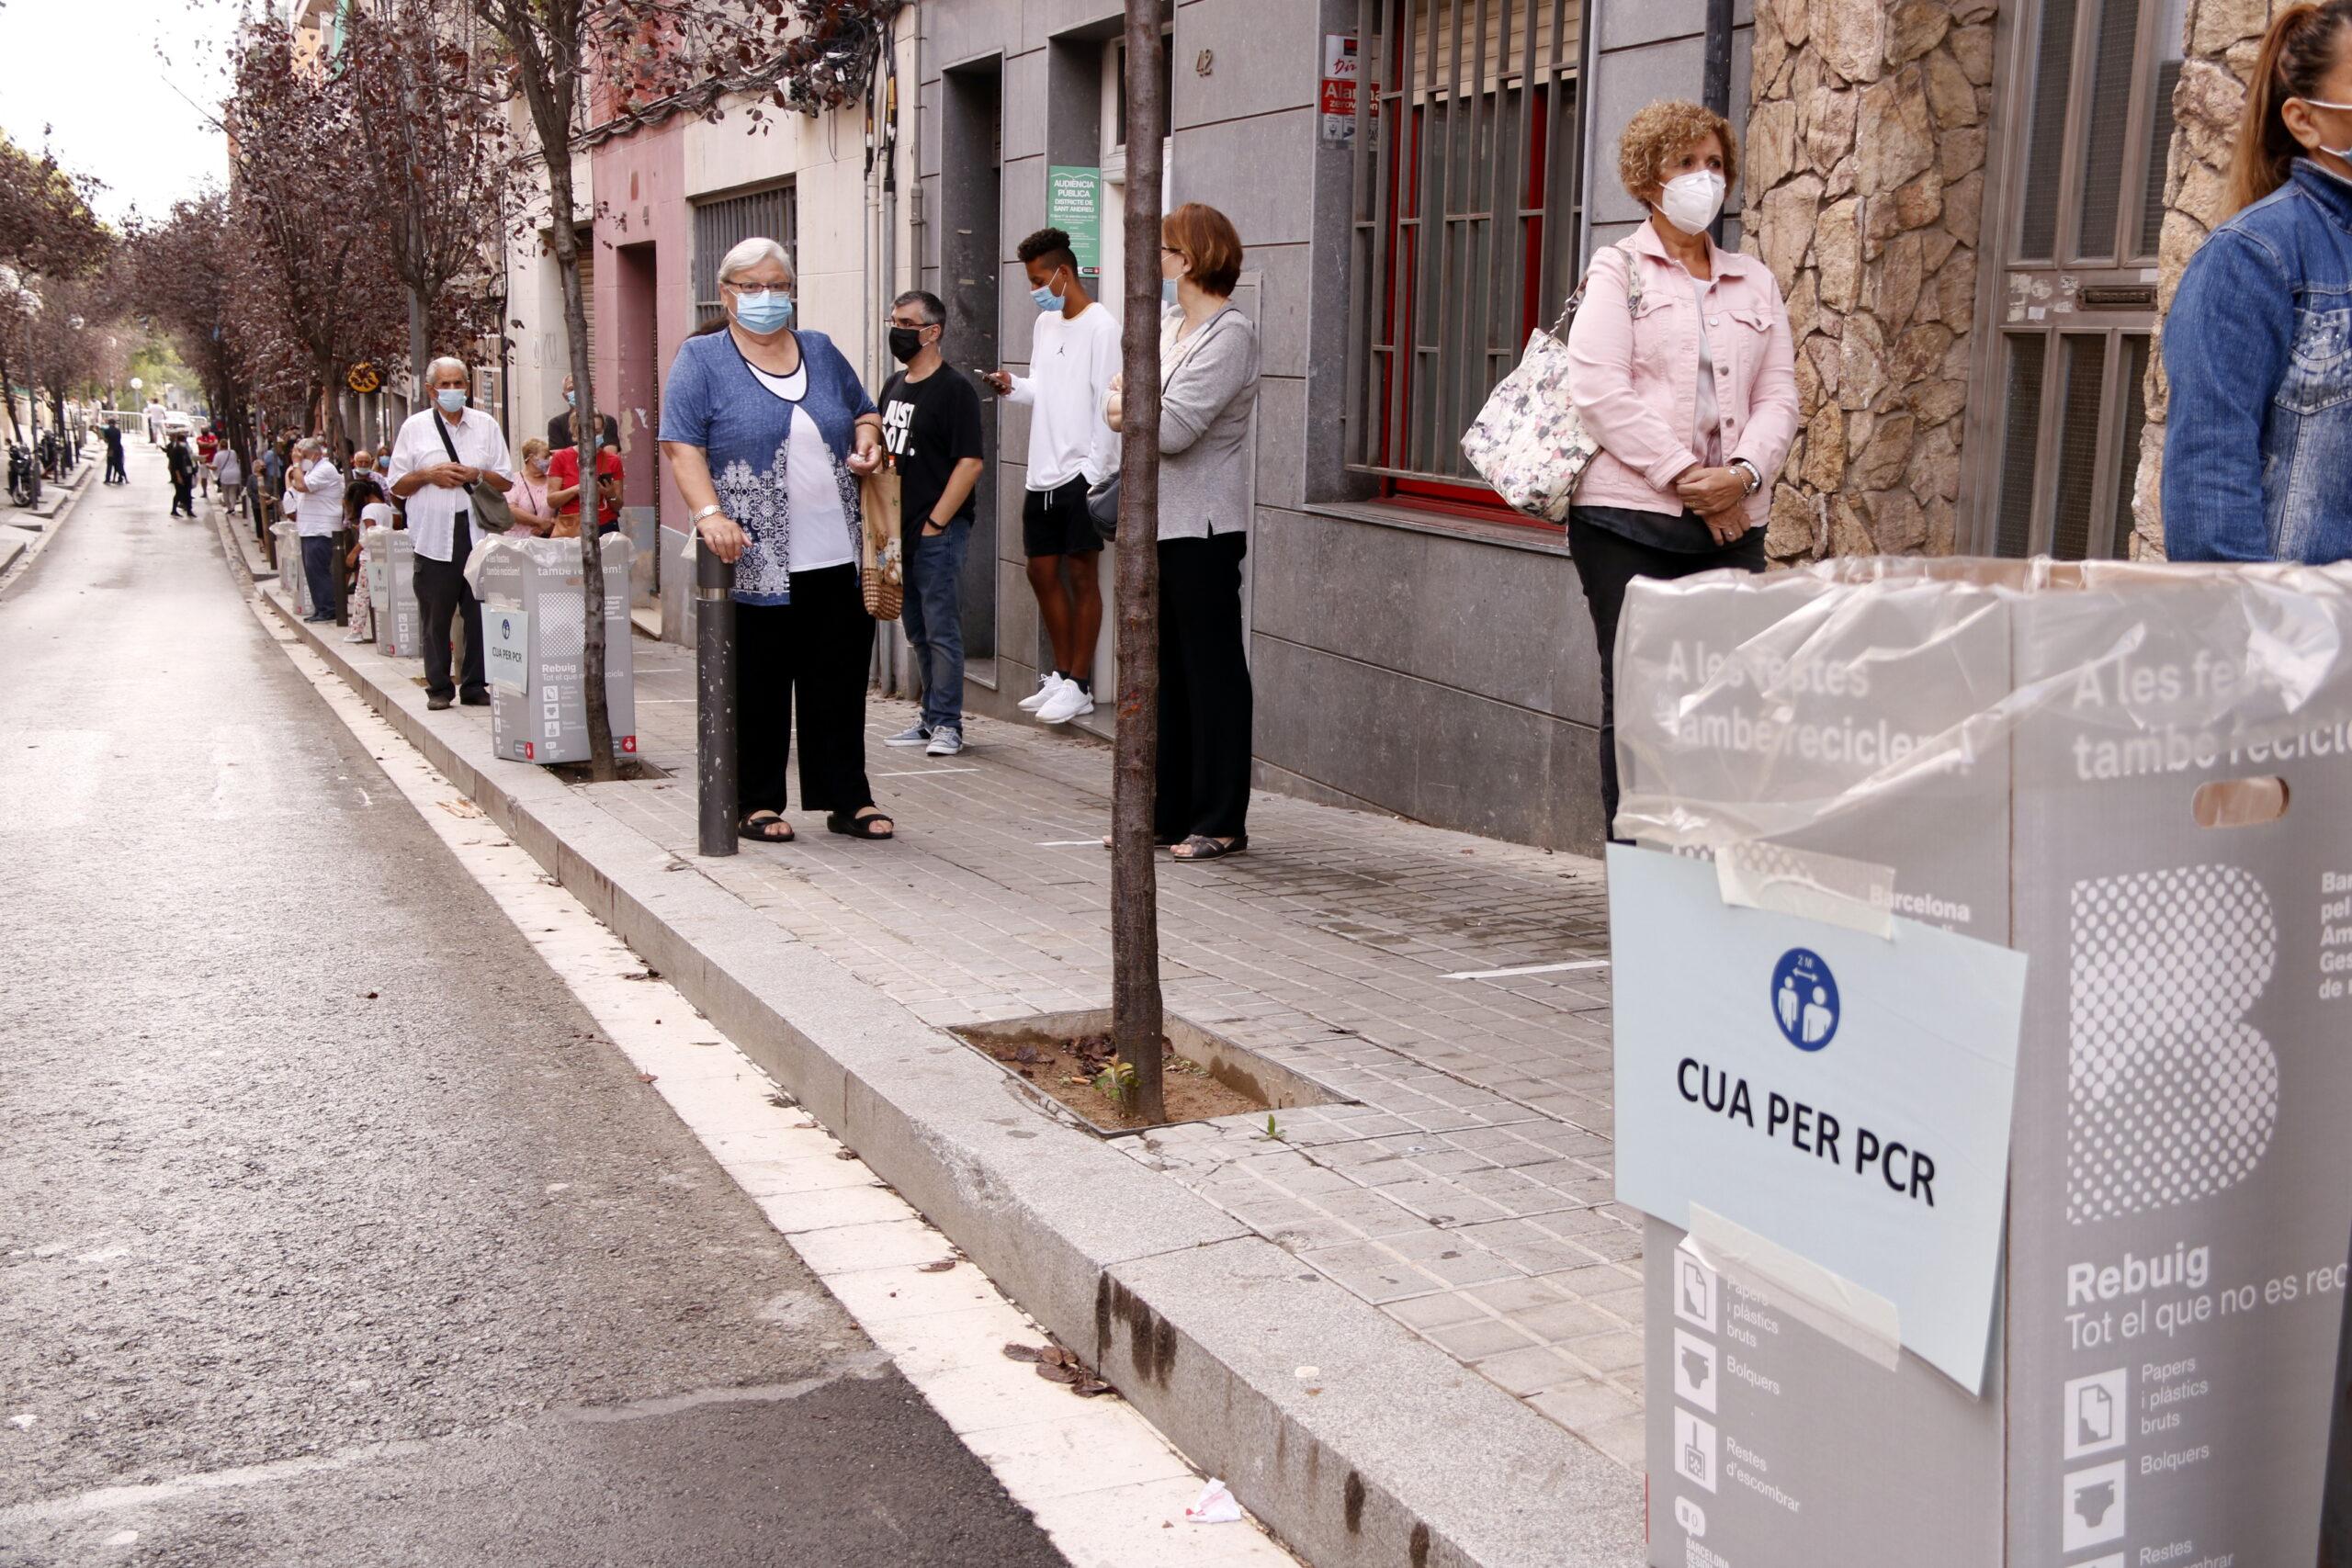 Cua de gent esperant per fer-se una prova de detecció de la Covid / ACN